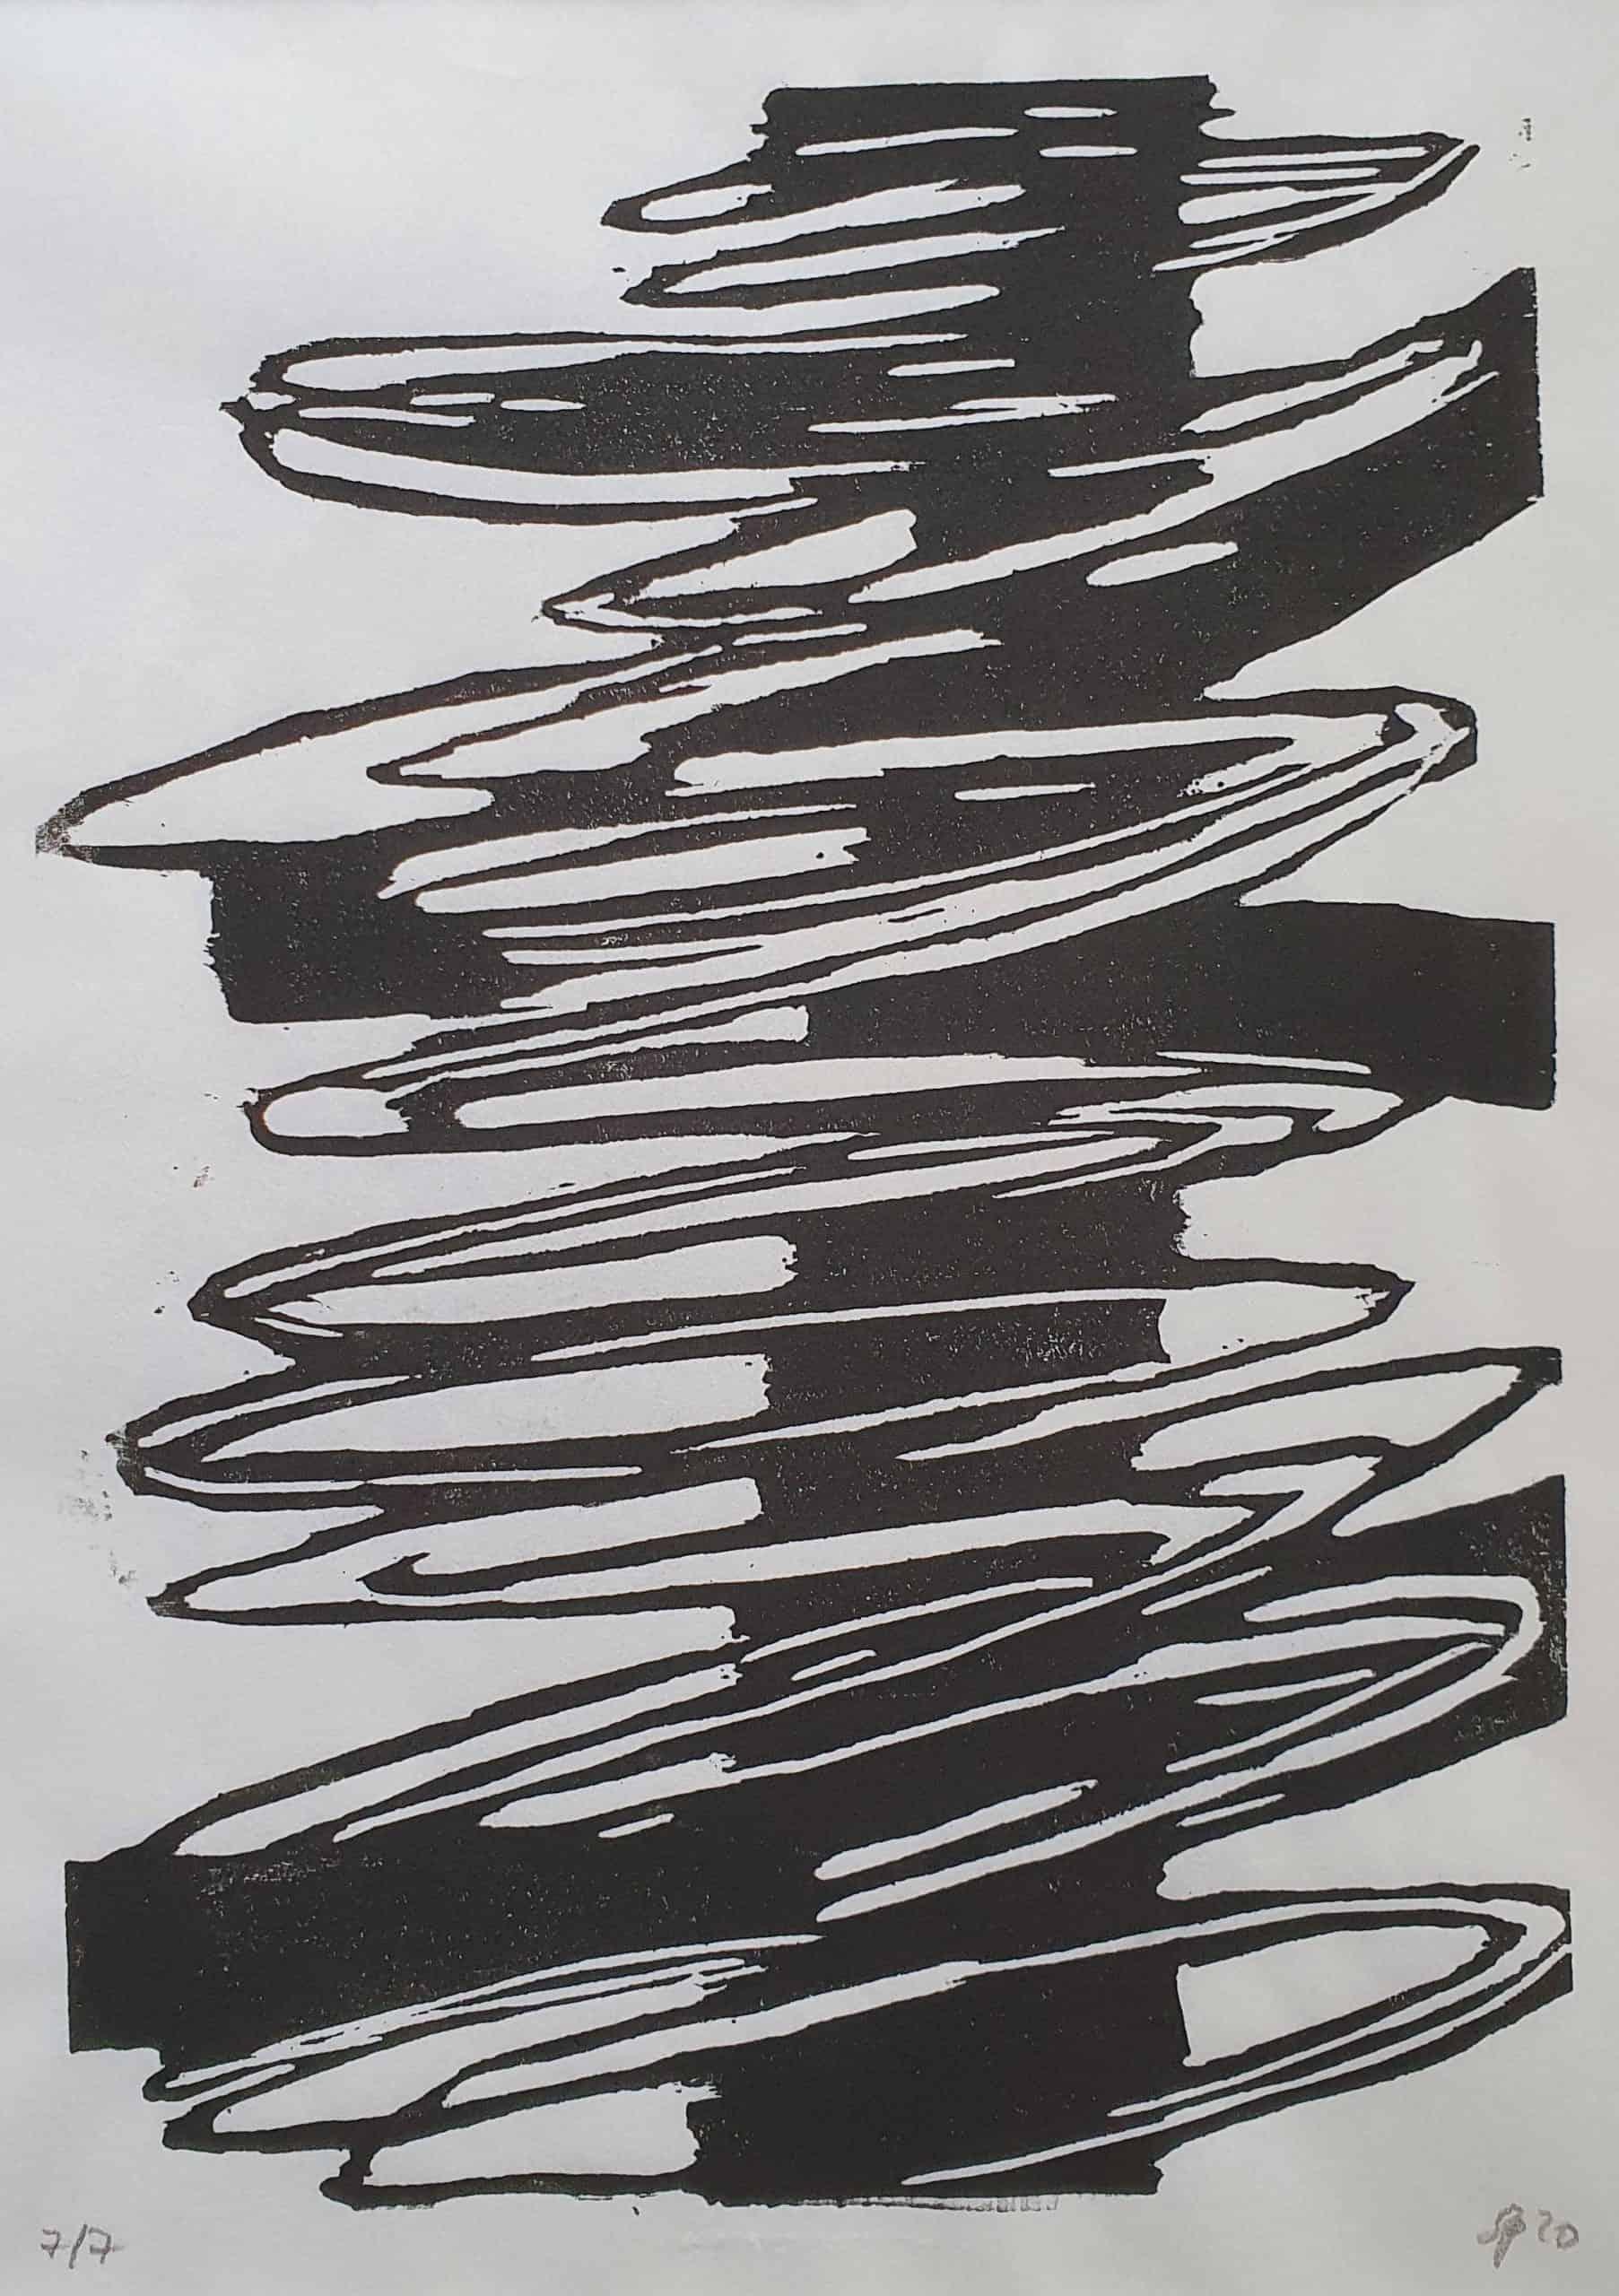 Holzschnitt in Schwarz-Weiß